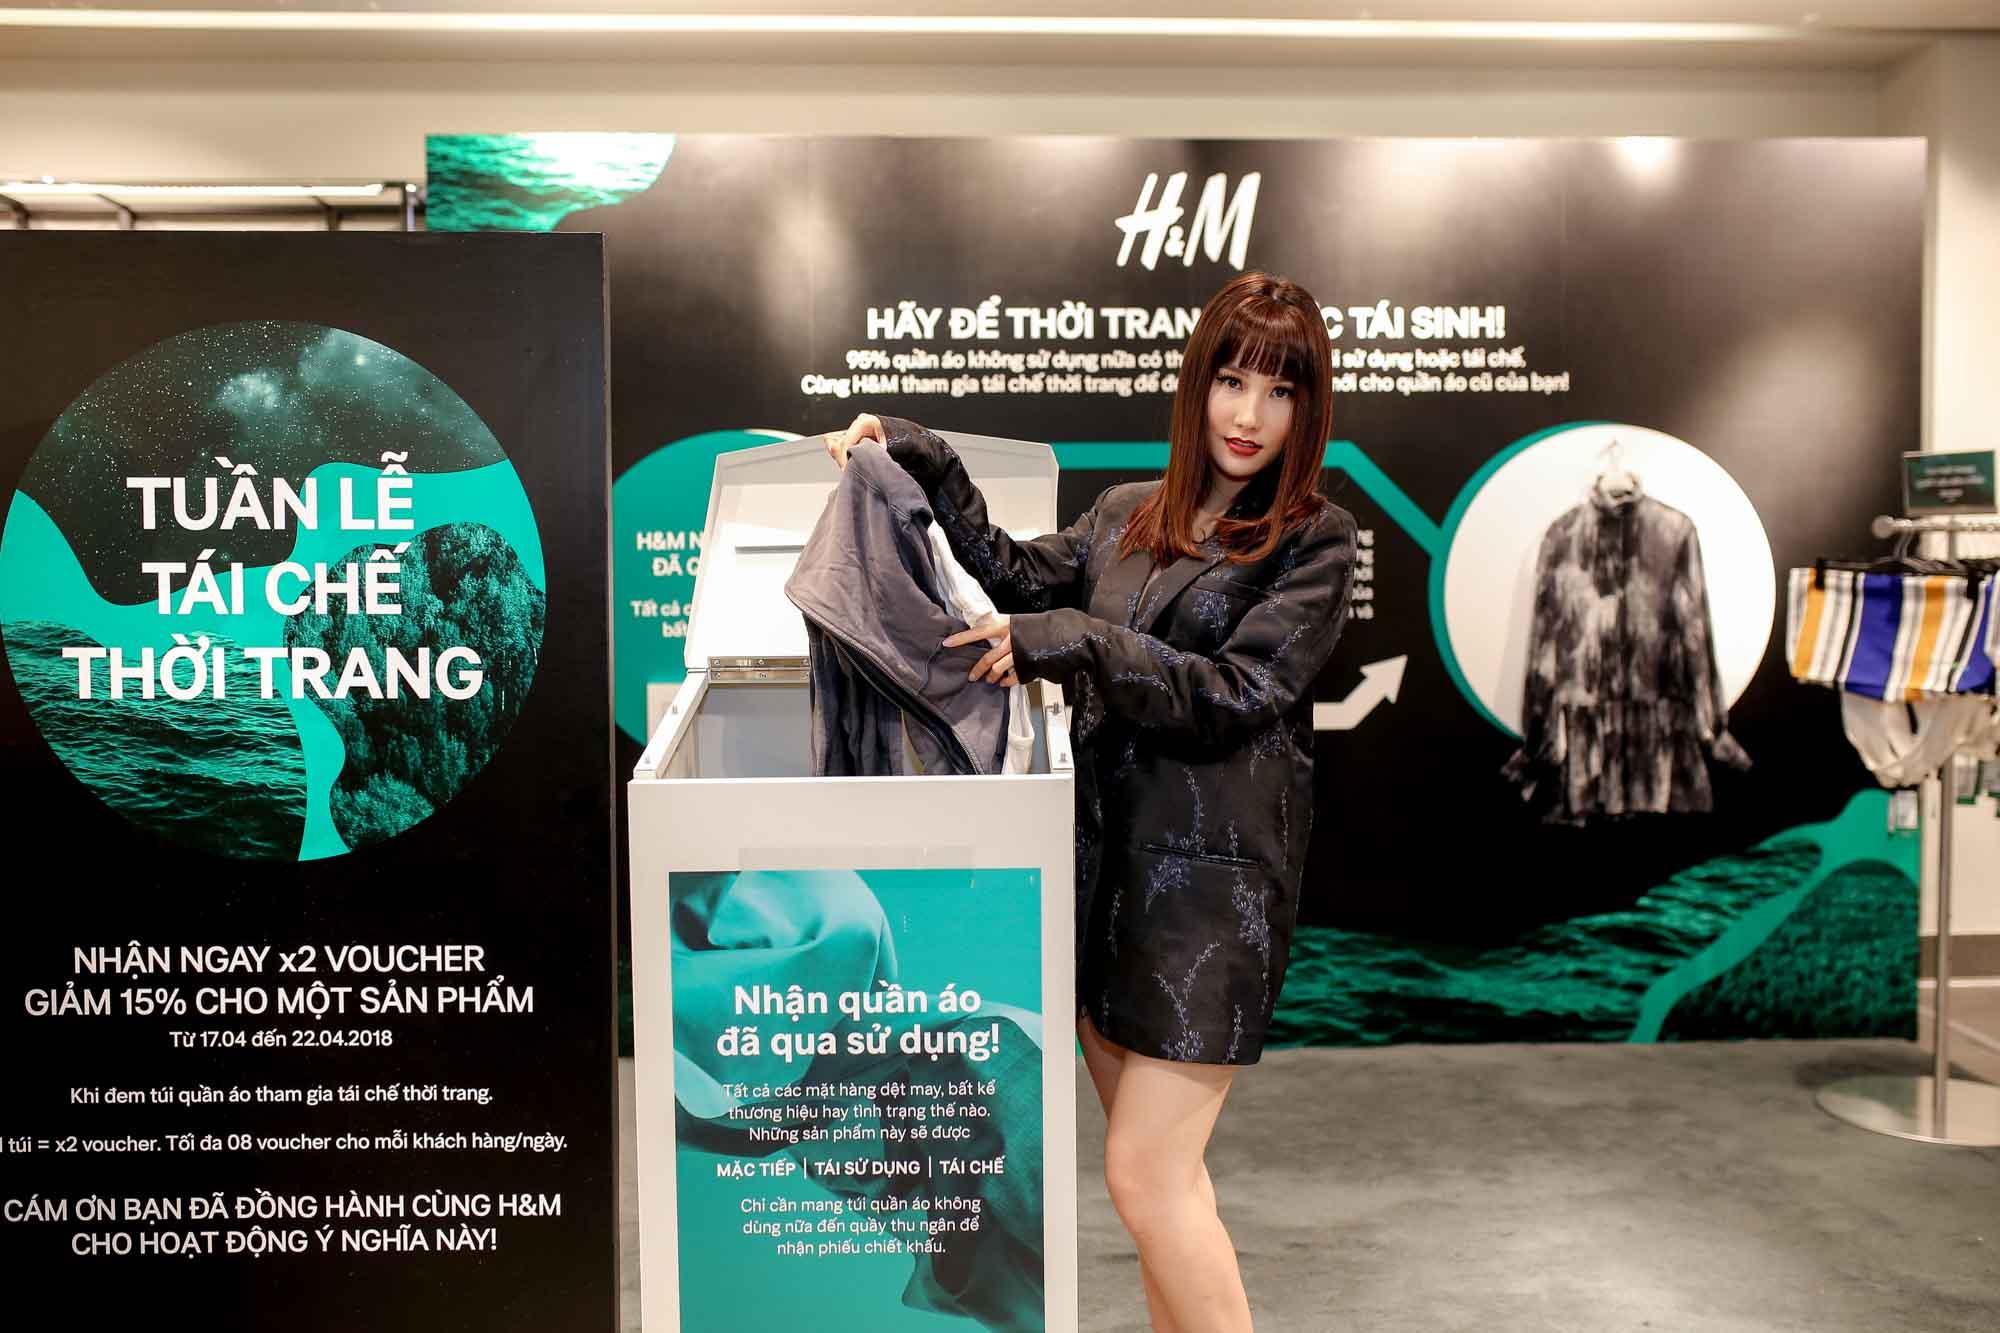 thuong hieu H&M - elle vietnam 36